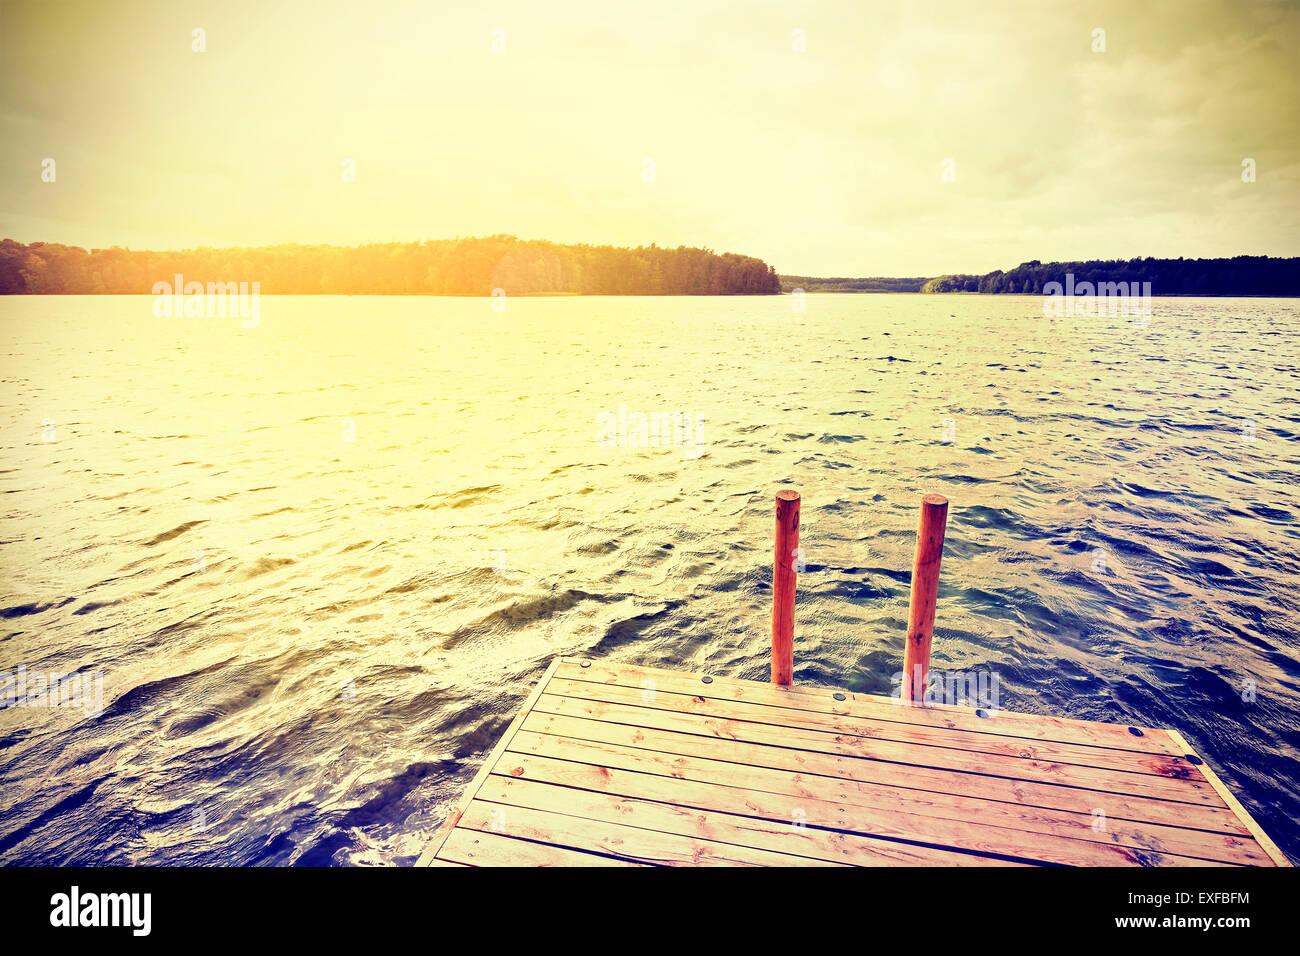 Vintage instagram filtered wooden pier at sunset. - Stock Image